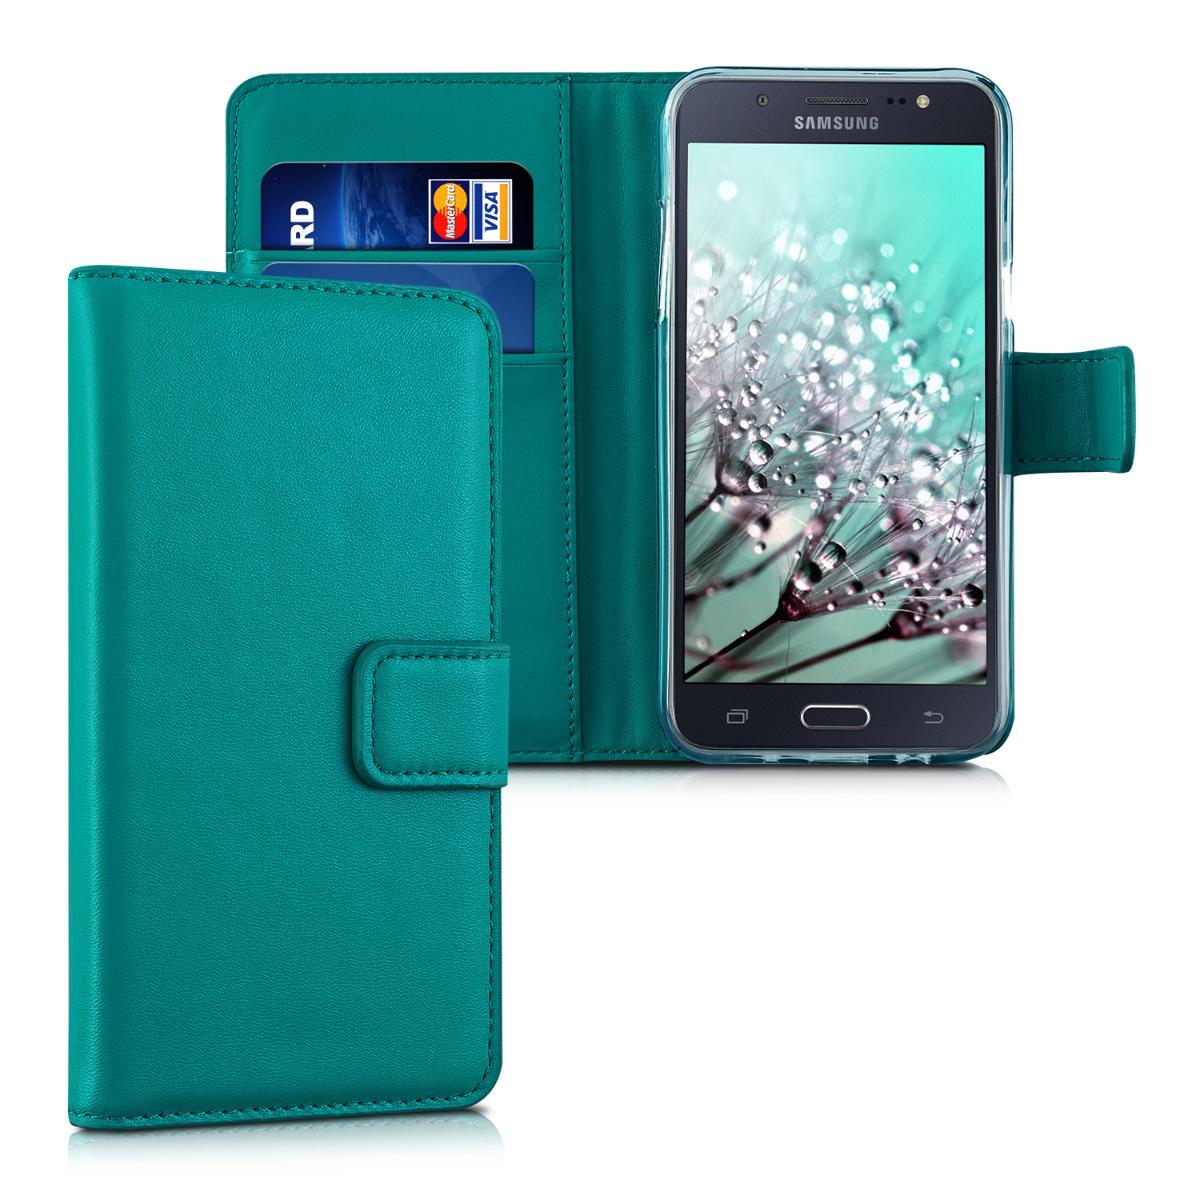 KW Θήκη Πορτοφόλι Samsung Galaxy J5 (2015) Συνθετικό Δέρμα - Petrol (34804.78)